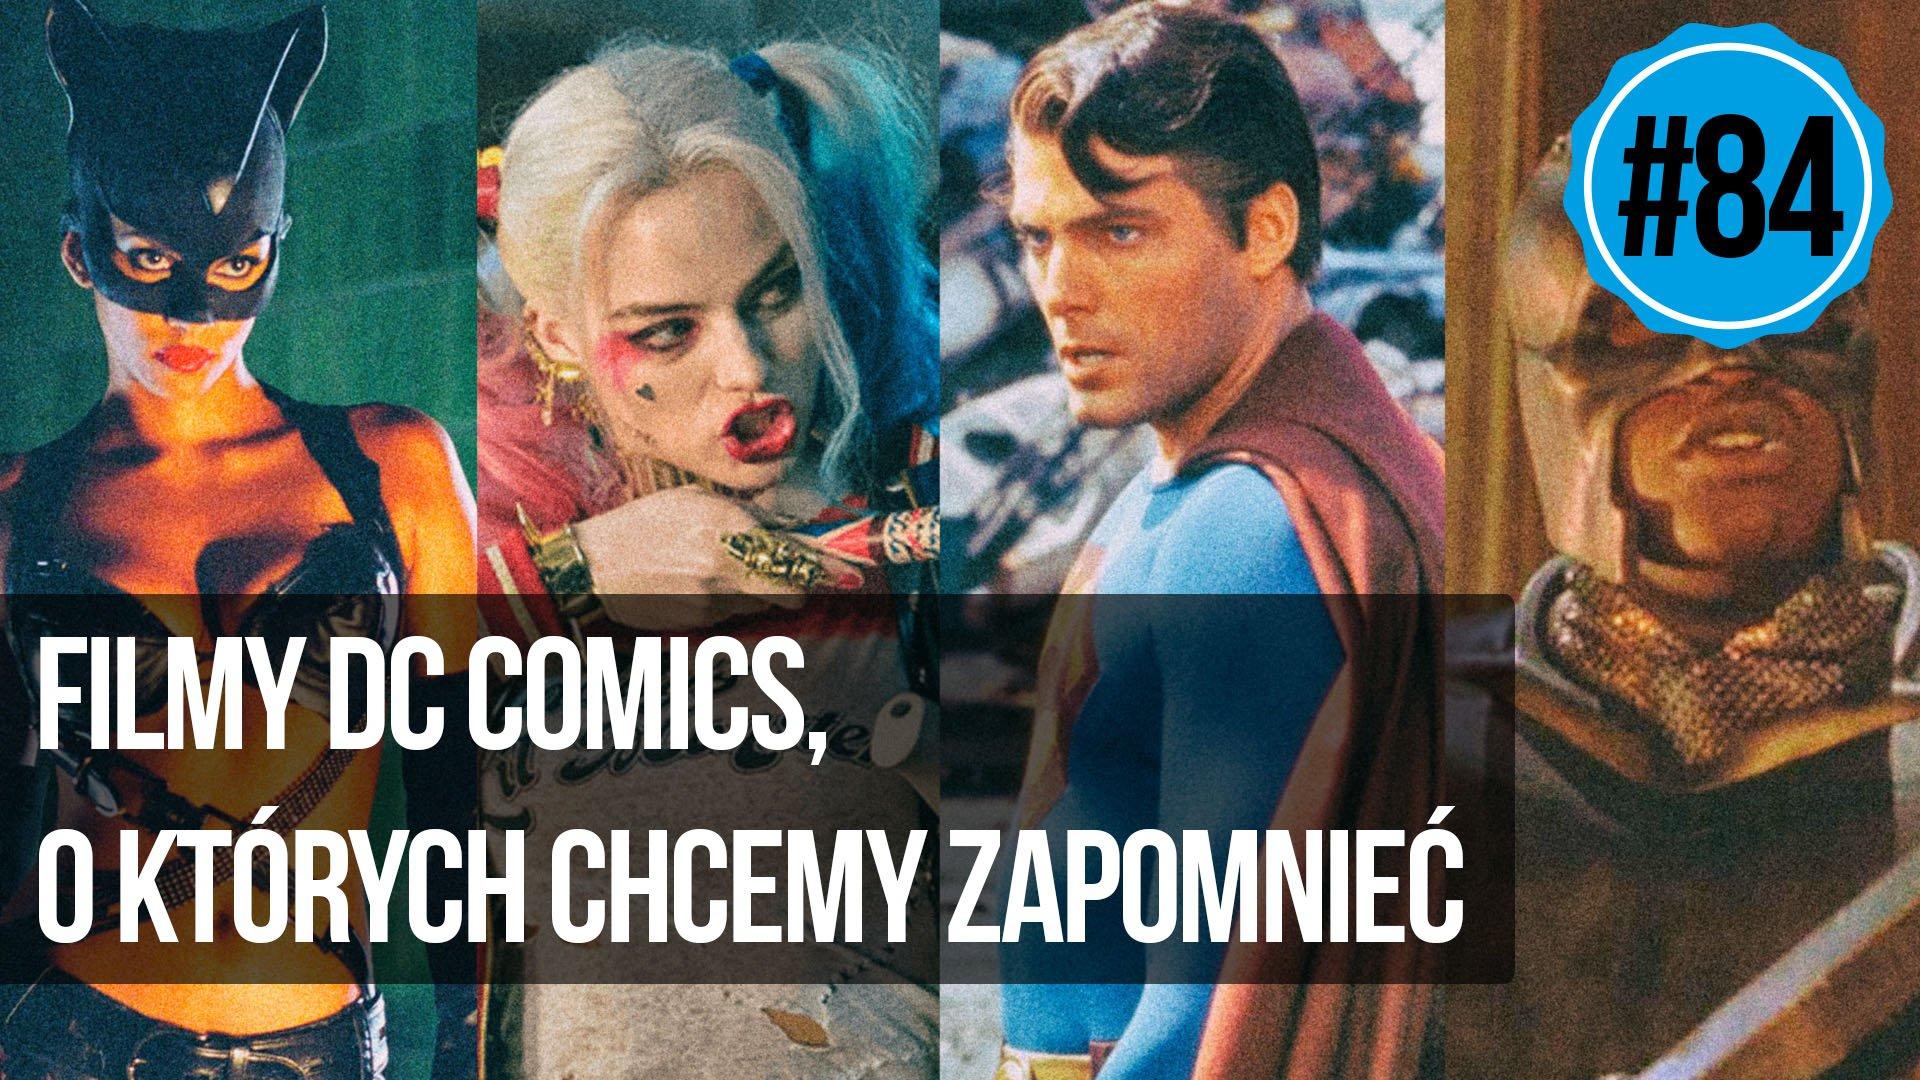 naEKRANACH #84 – Filmy DC, o których chcemy zapomnieć